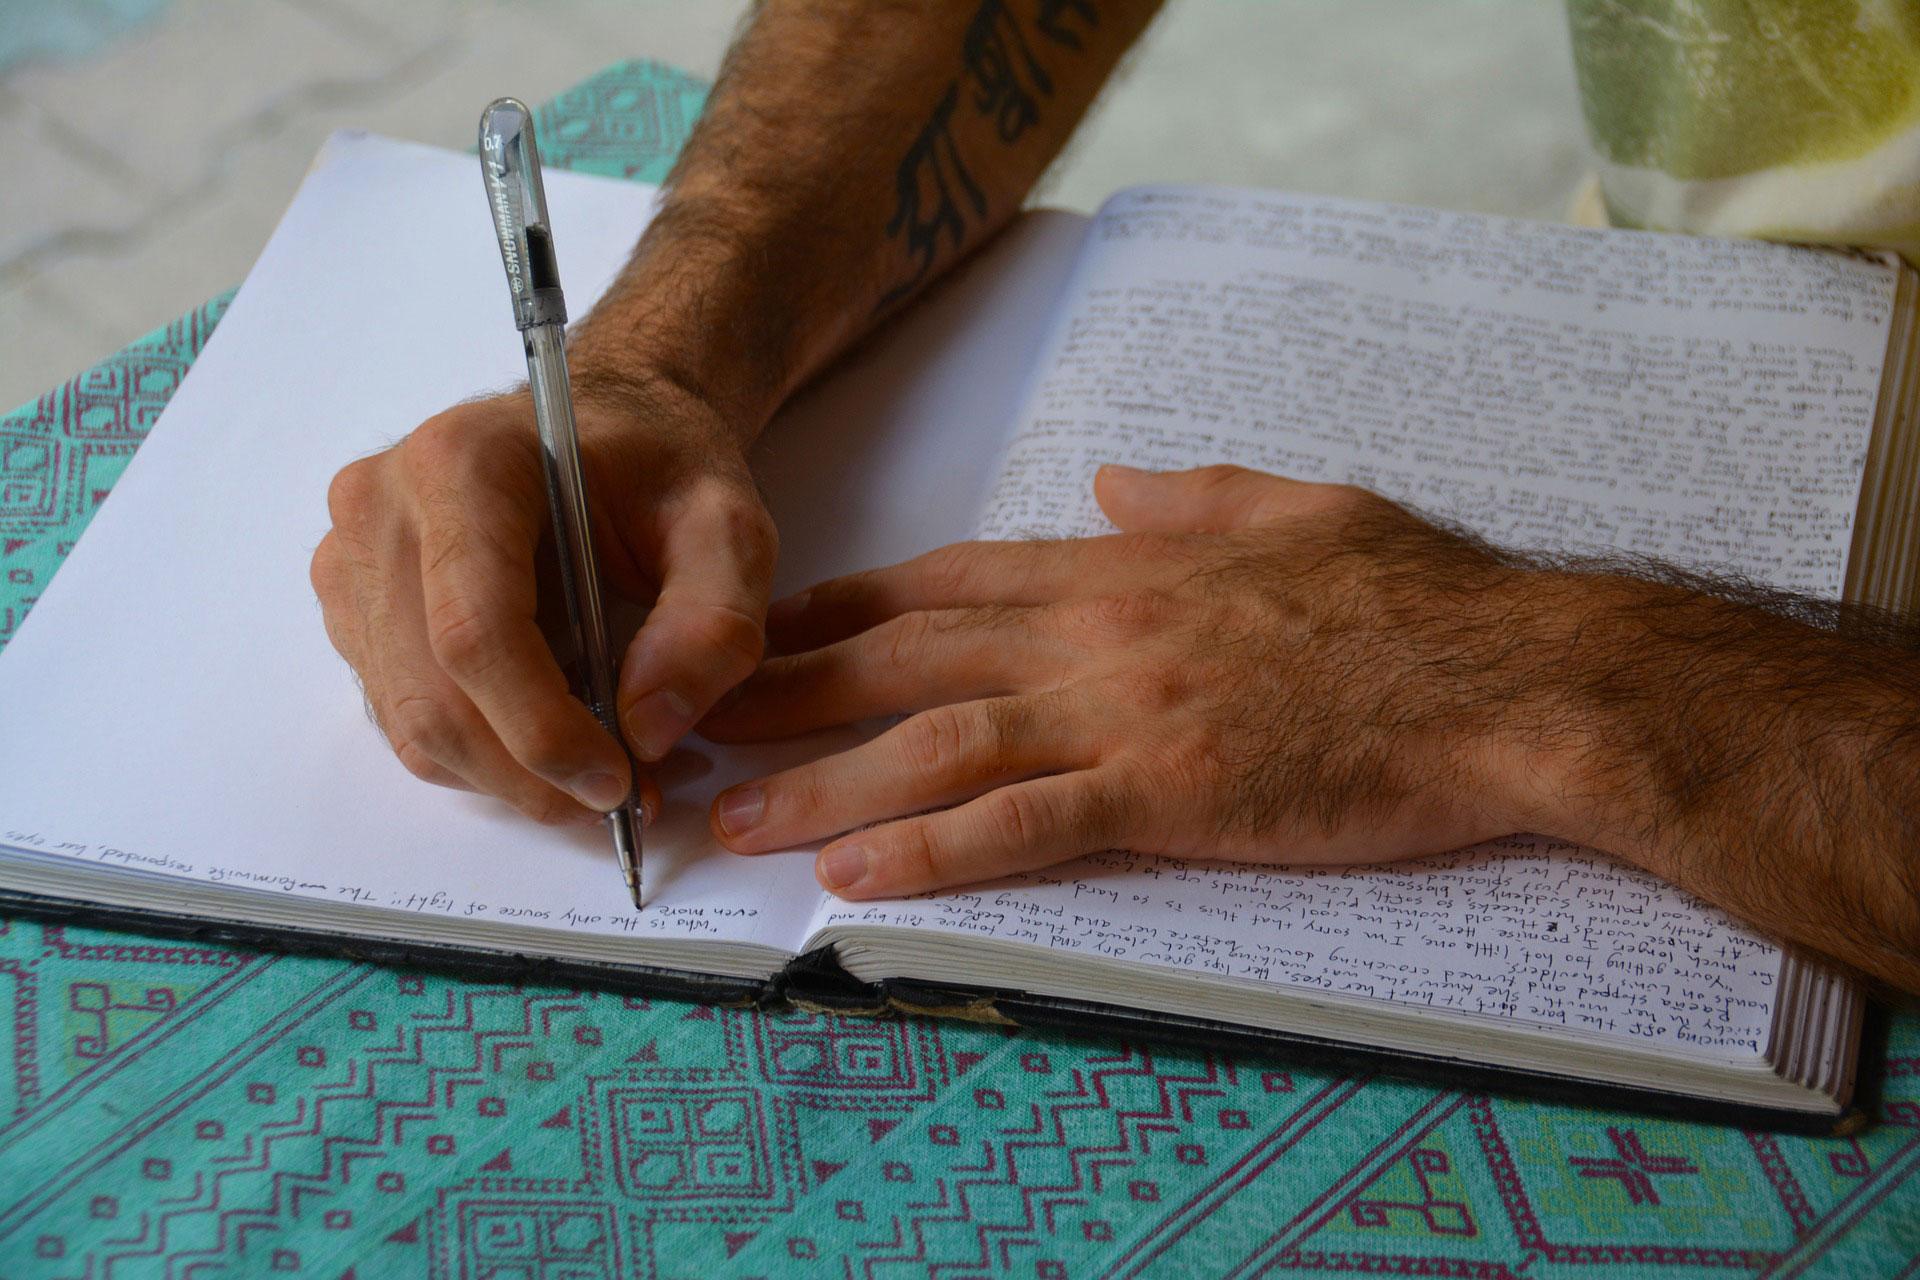 איך מתחילים לכתוב